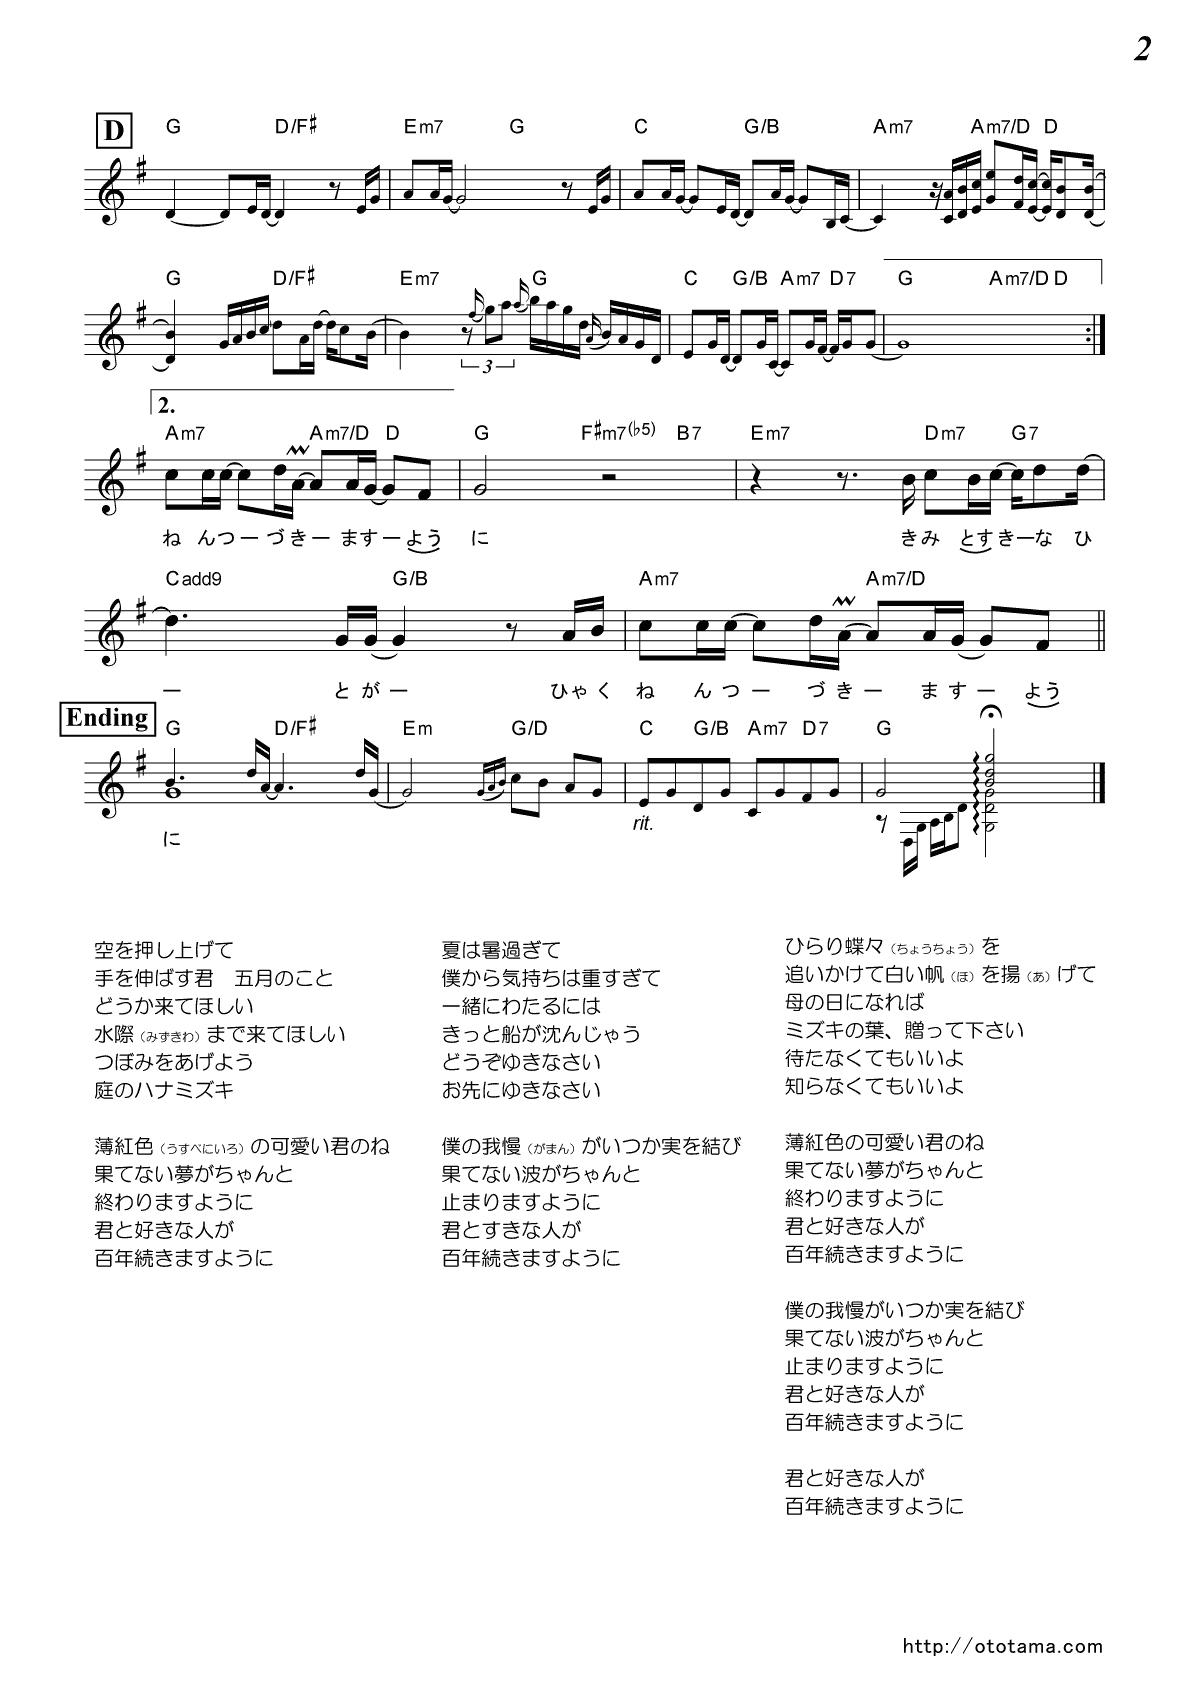 歌詞 ハナミズキ